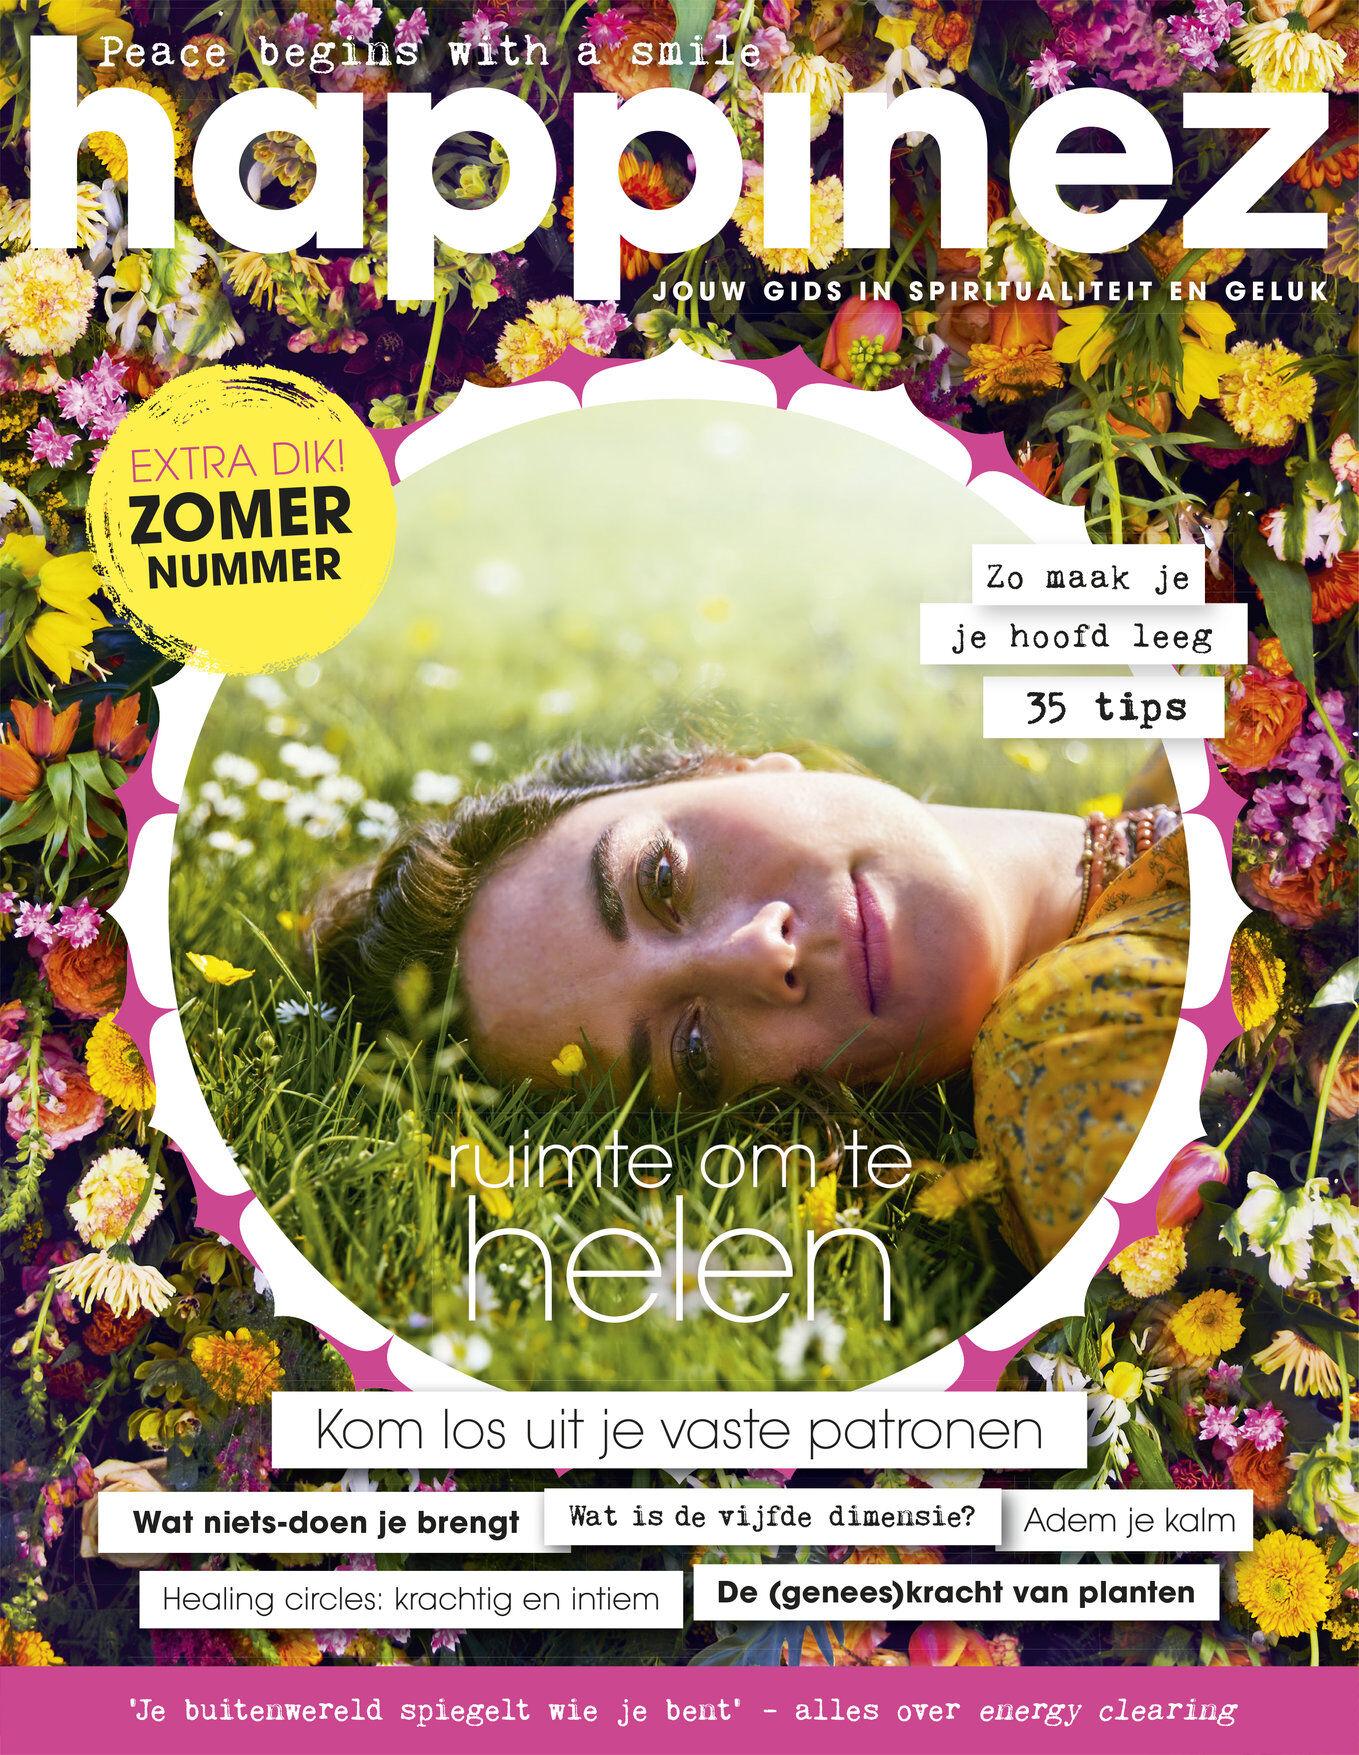 Over Happinez